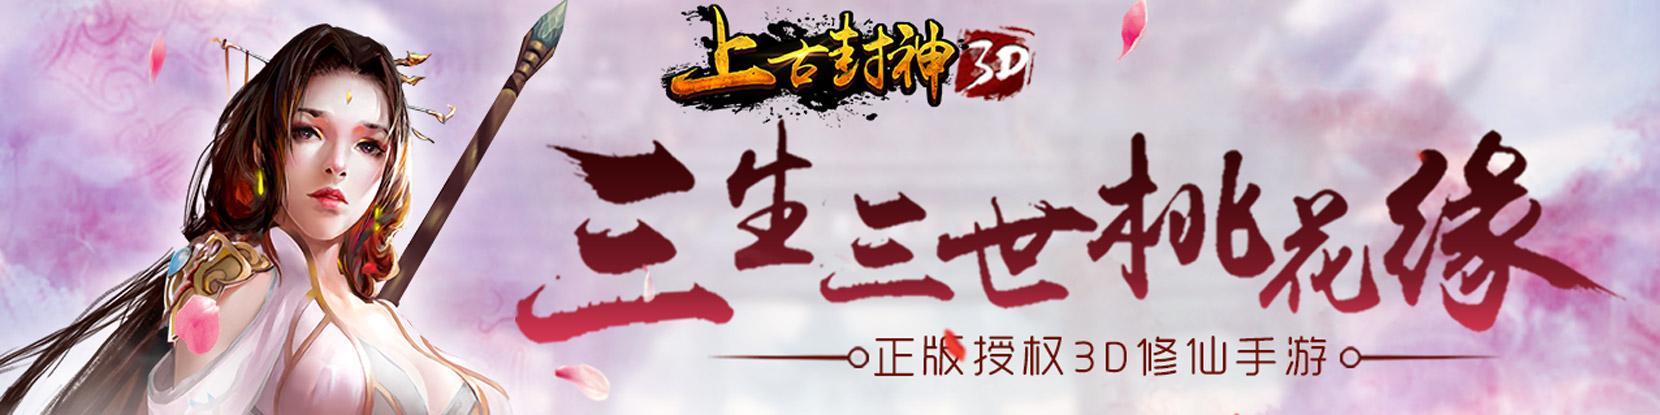 正版唯美手游《上古封神》3月13日公测震撼全面开启